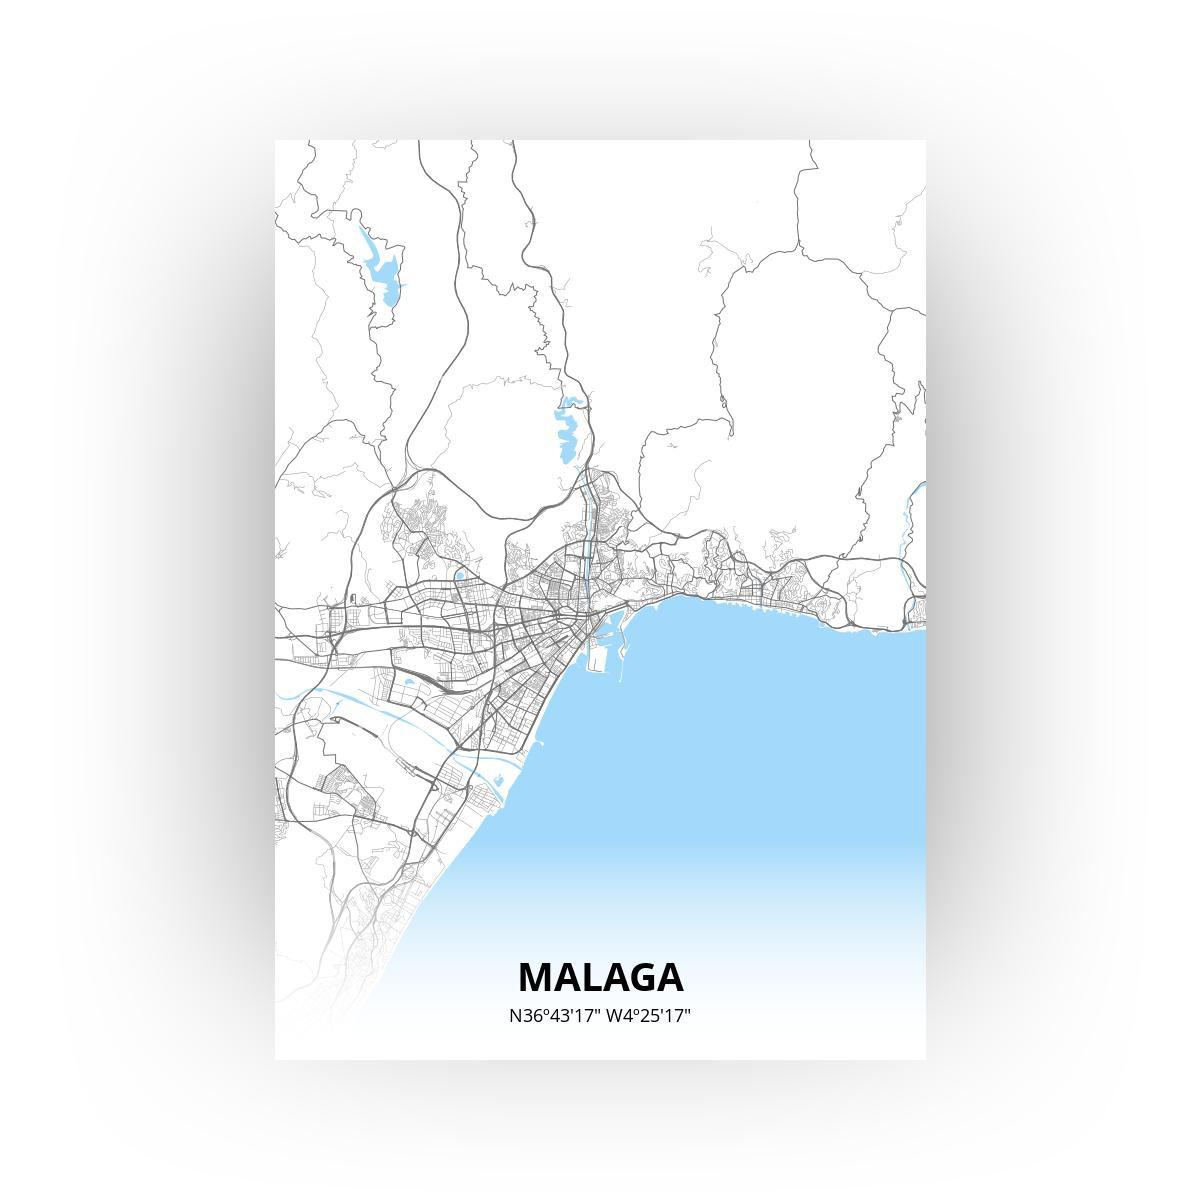 Malaga print - Standaard stijl